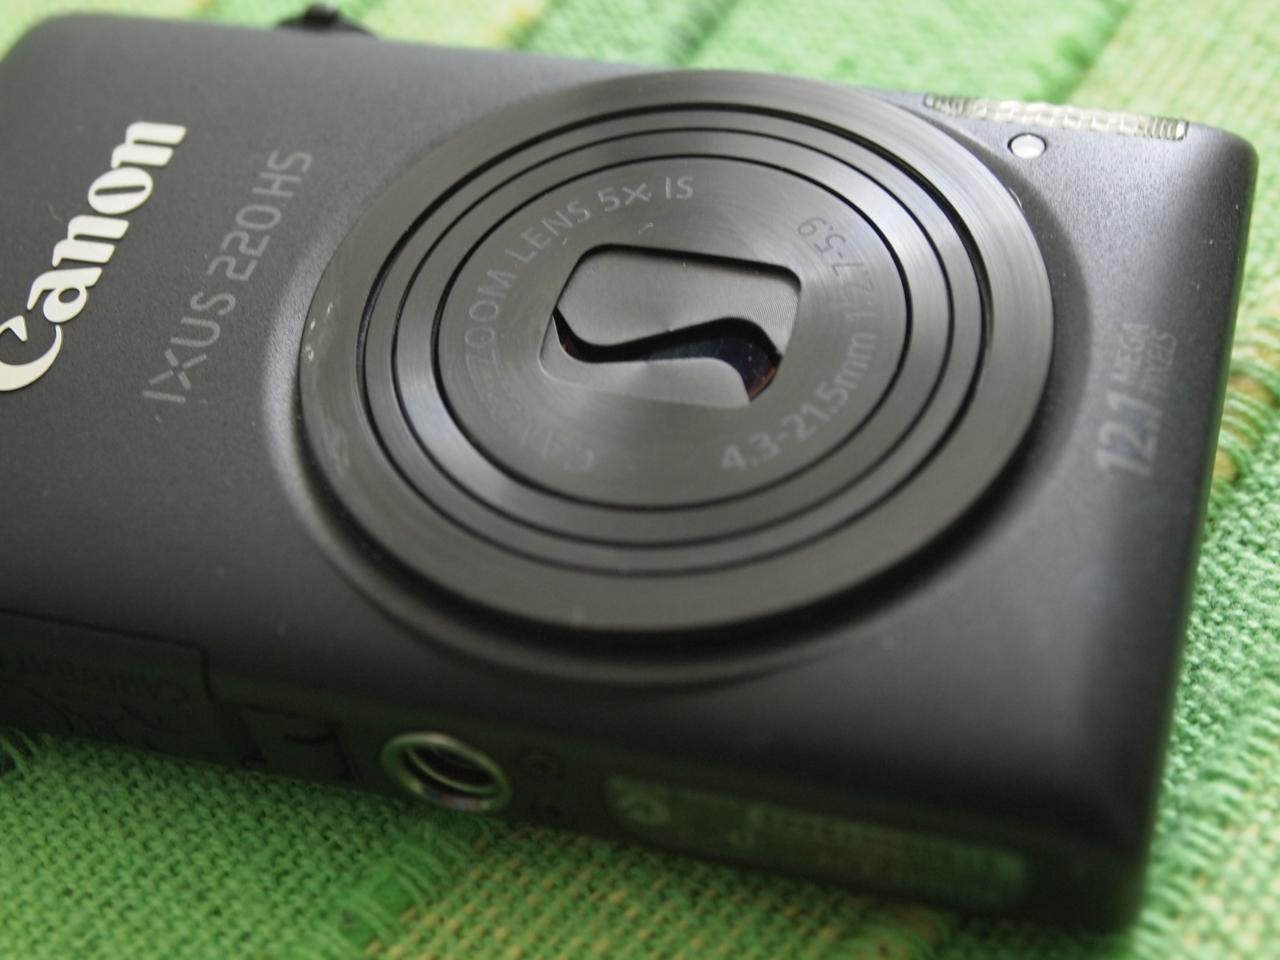 Canon IXUS 220 HS - Copriobiettivo bloccato - 2